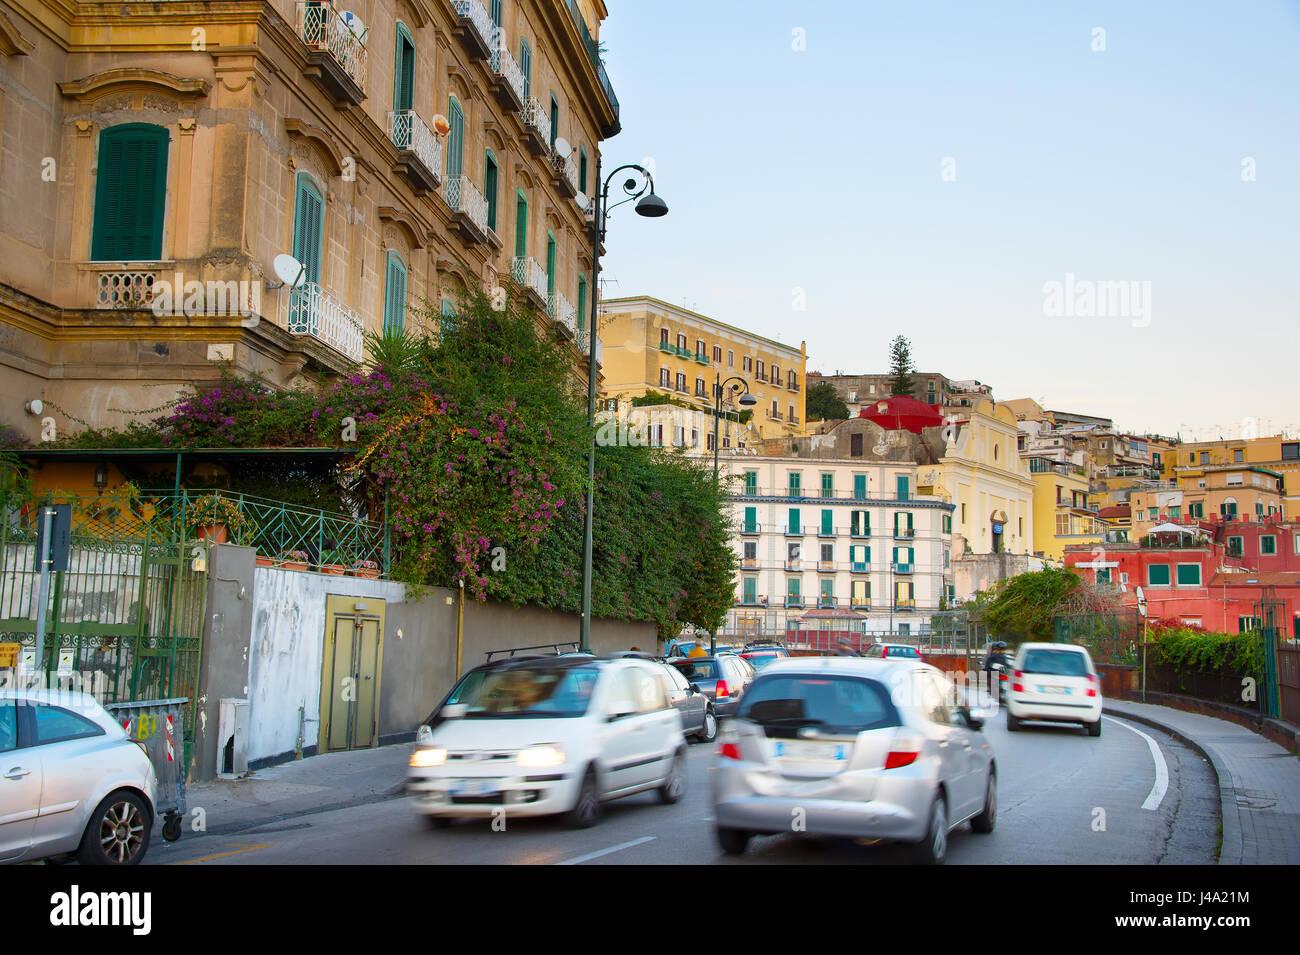 Schnellen Verkehr auf einer Naples-Straße in der Dämmerung. Italien Stockbild